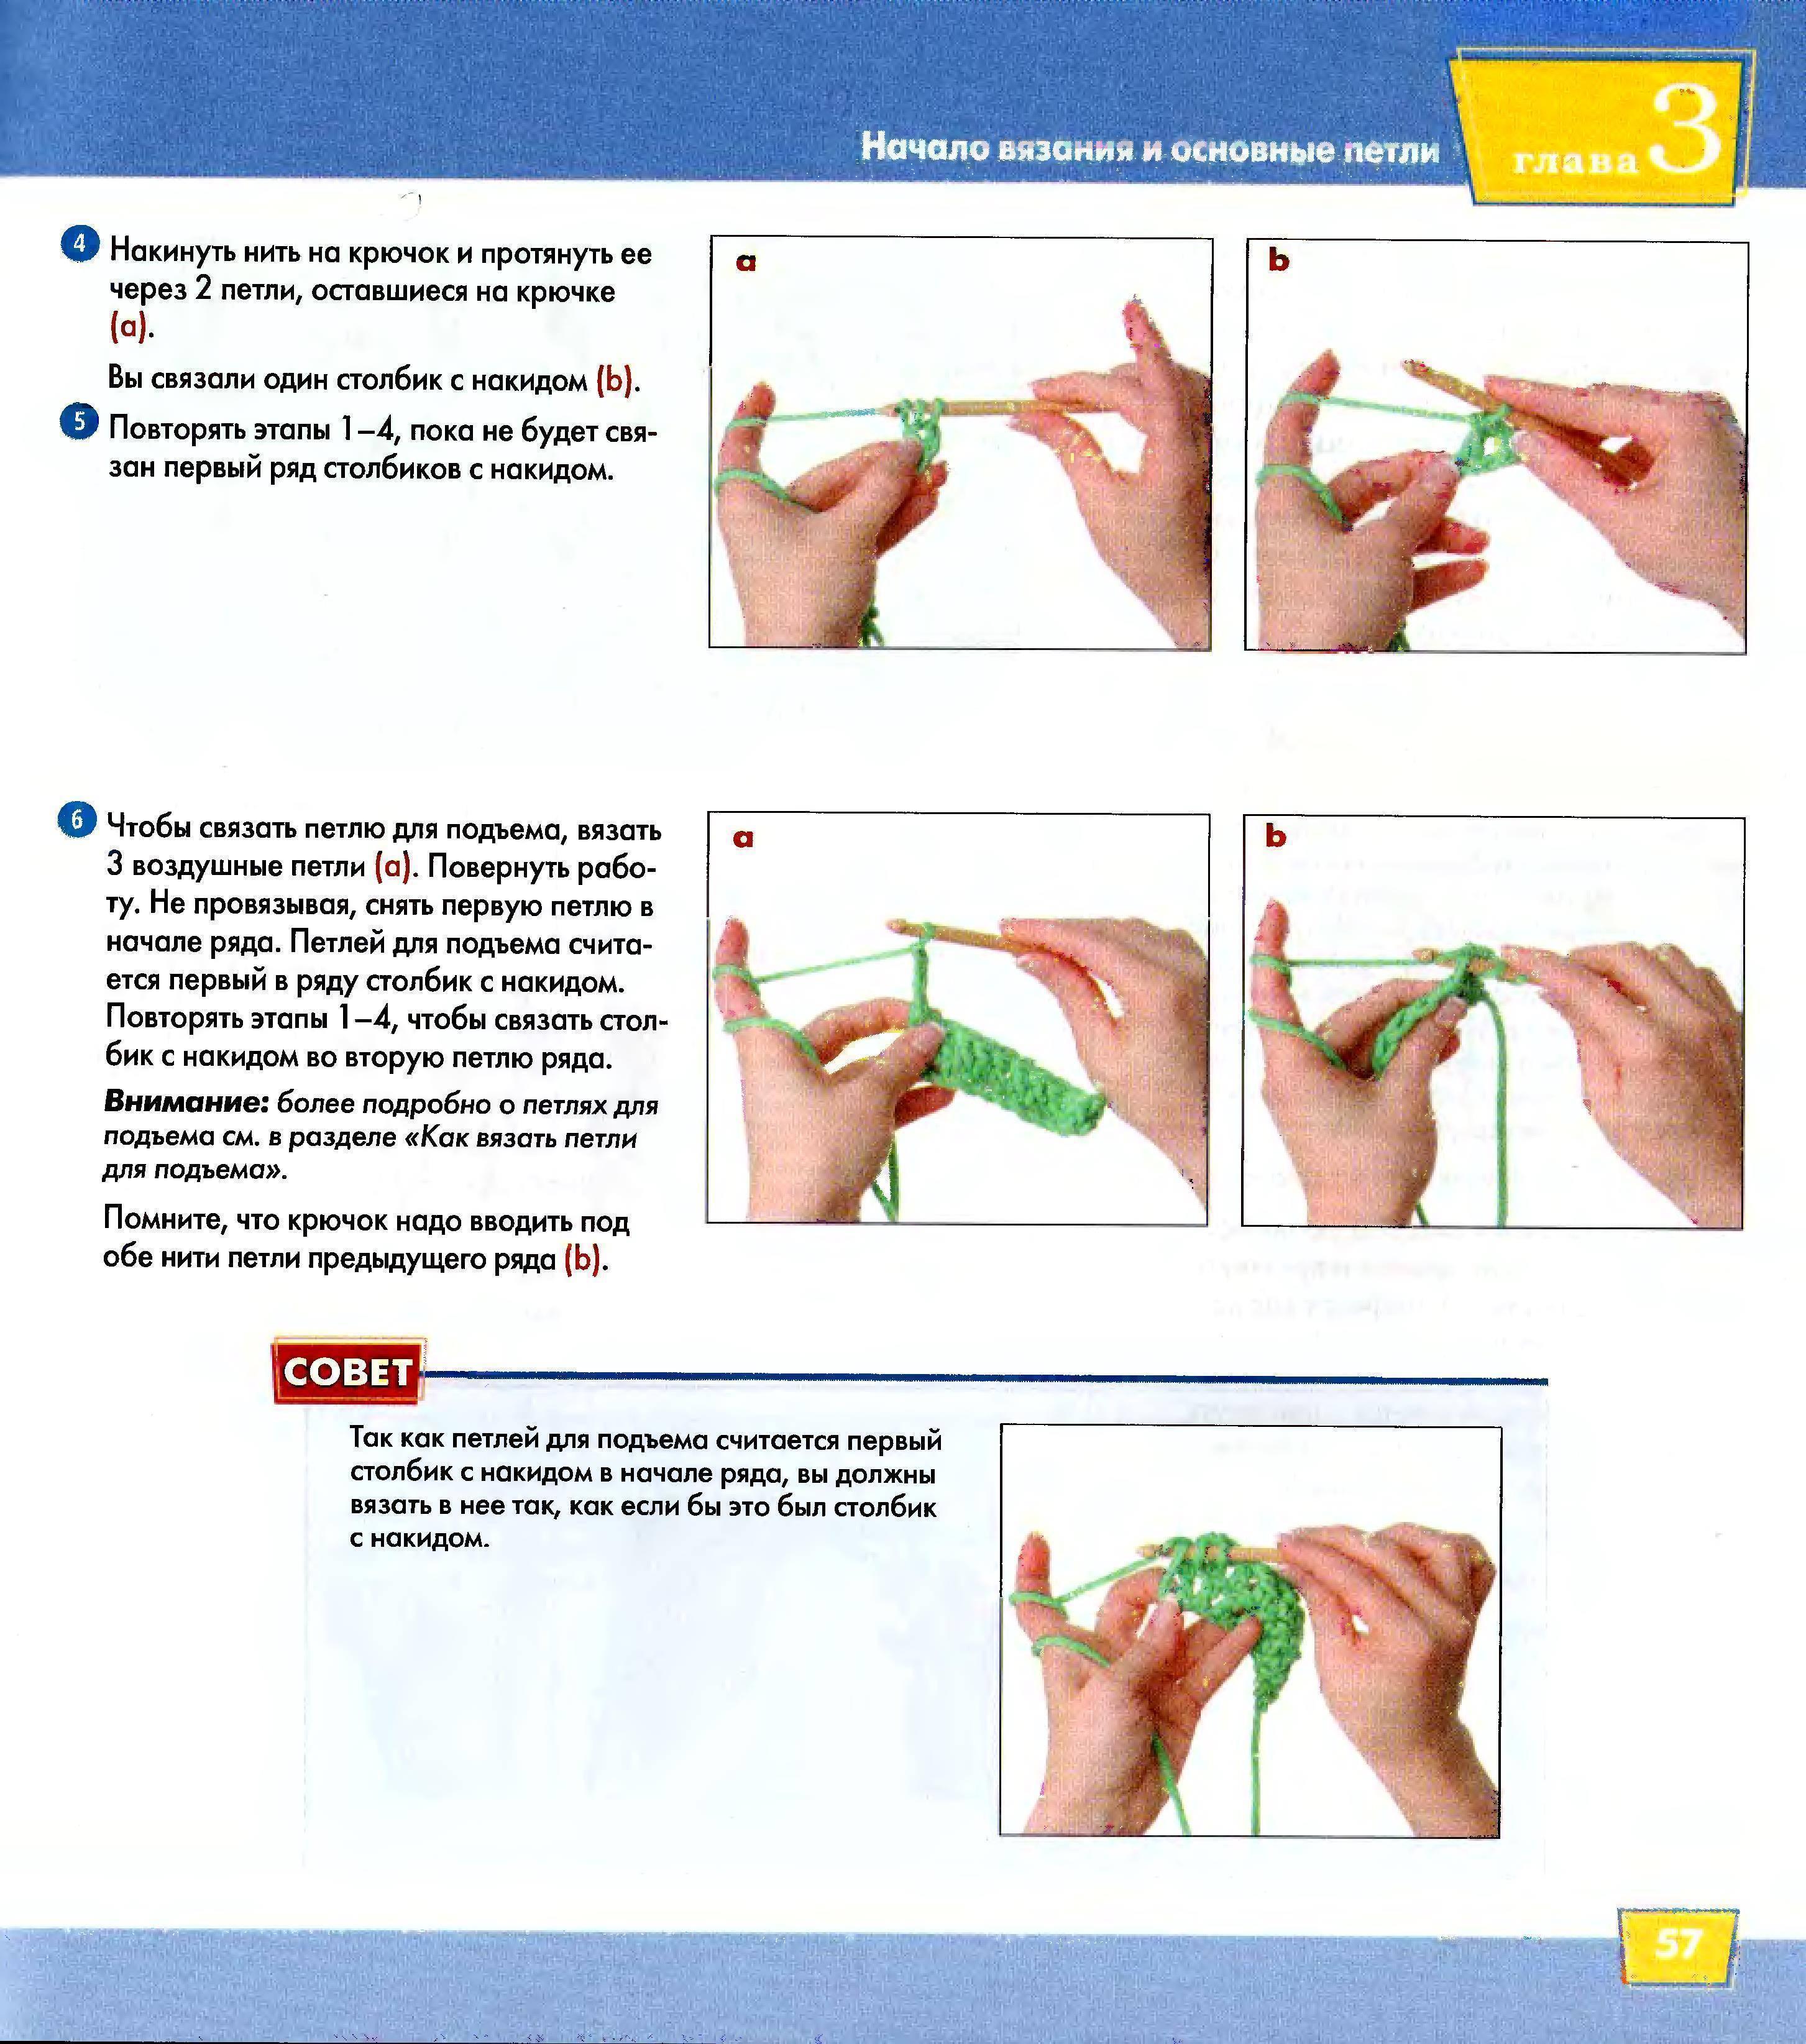 Вязание крючком для начинающих - схемы с подробным описанием - видео уроки